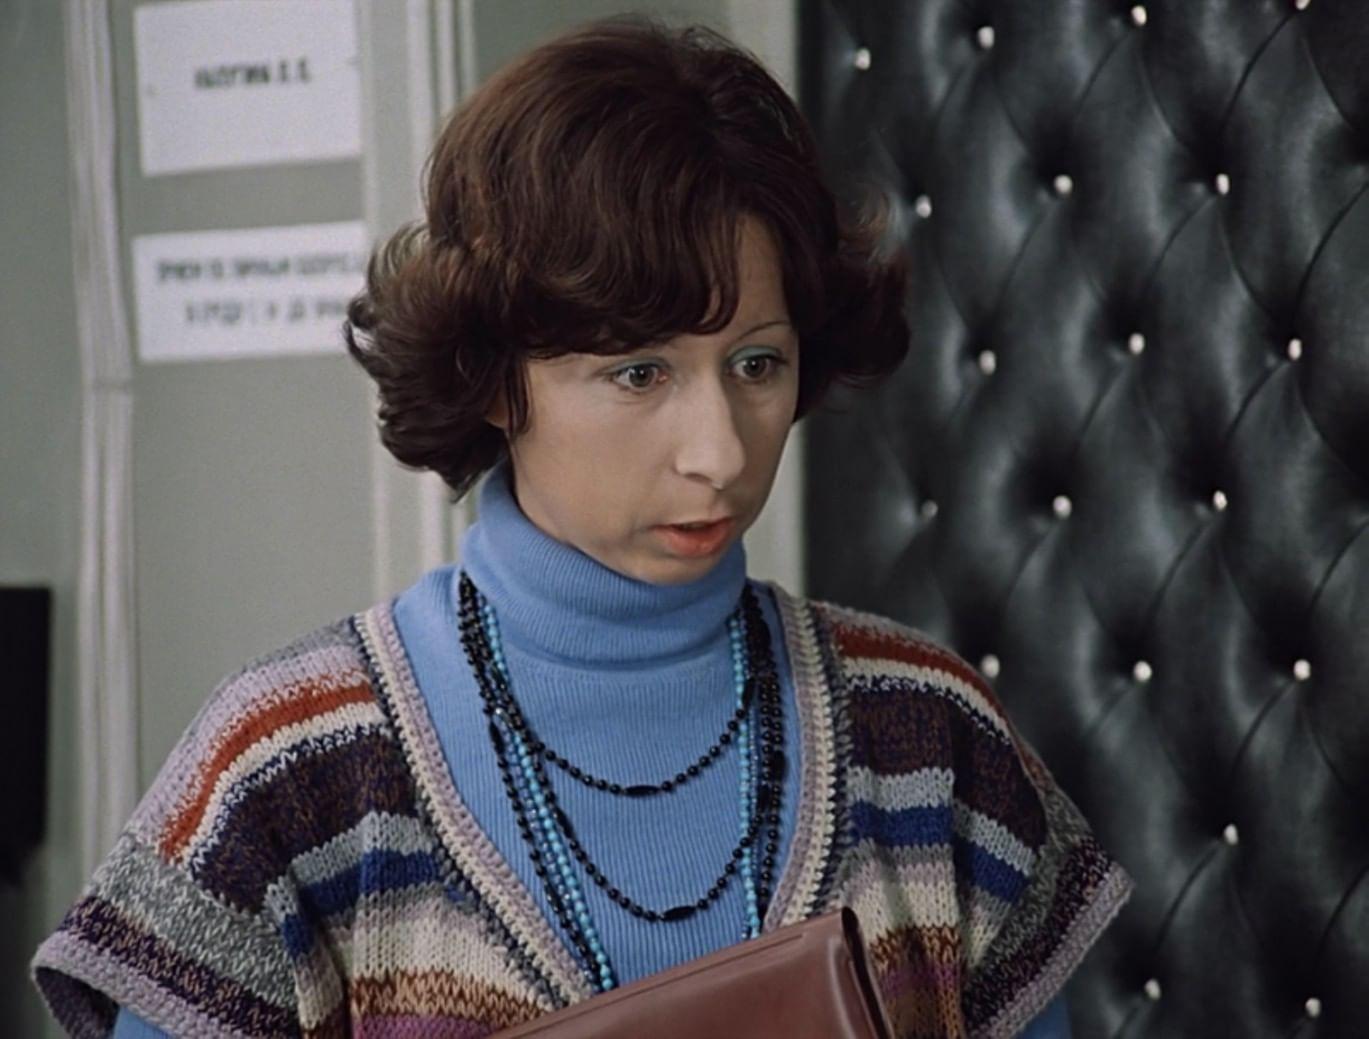 Лия Ахеджакова в роли Верочки из фильма «Служебный роман» (1977)